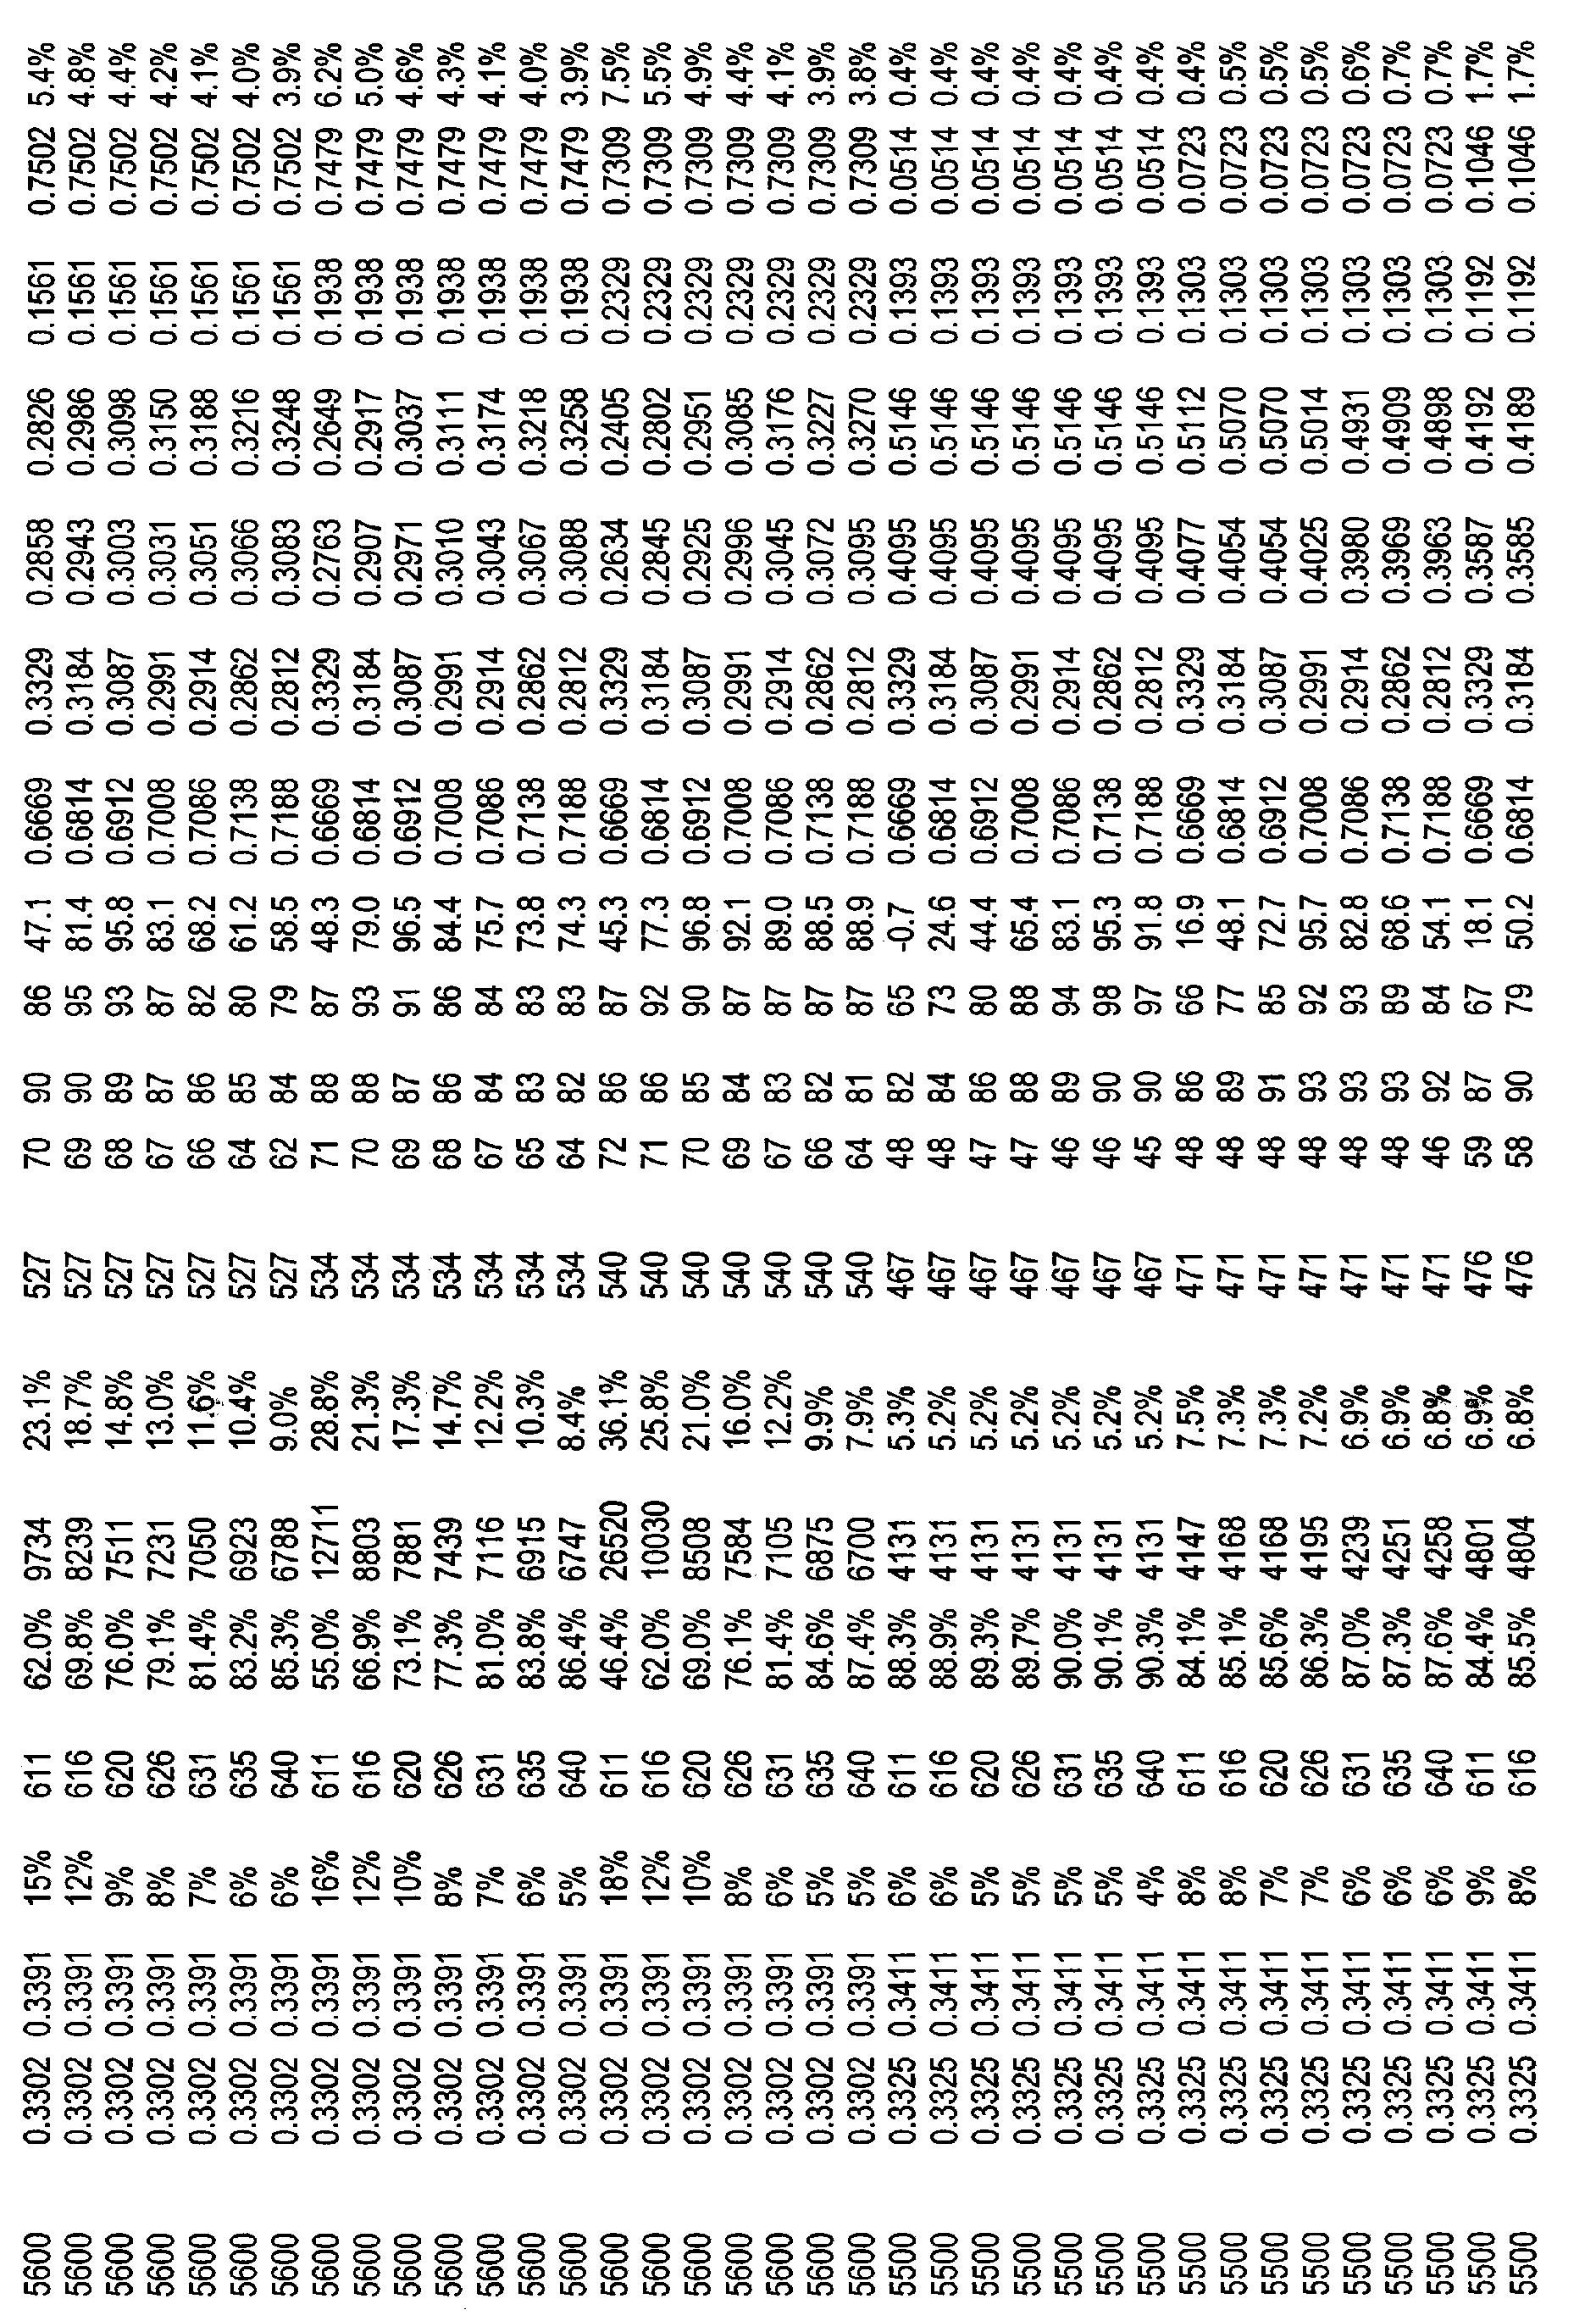 Figure CN101821544BD00501